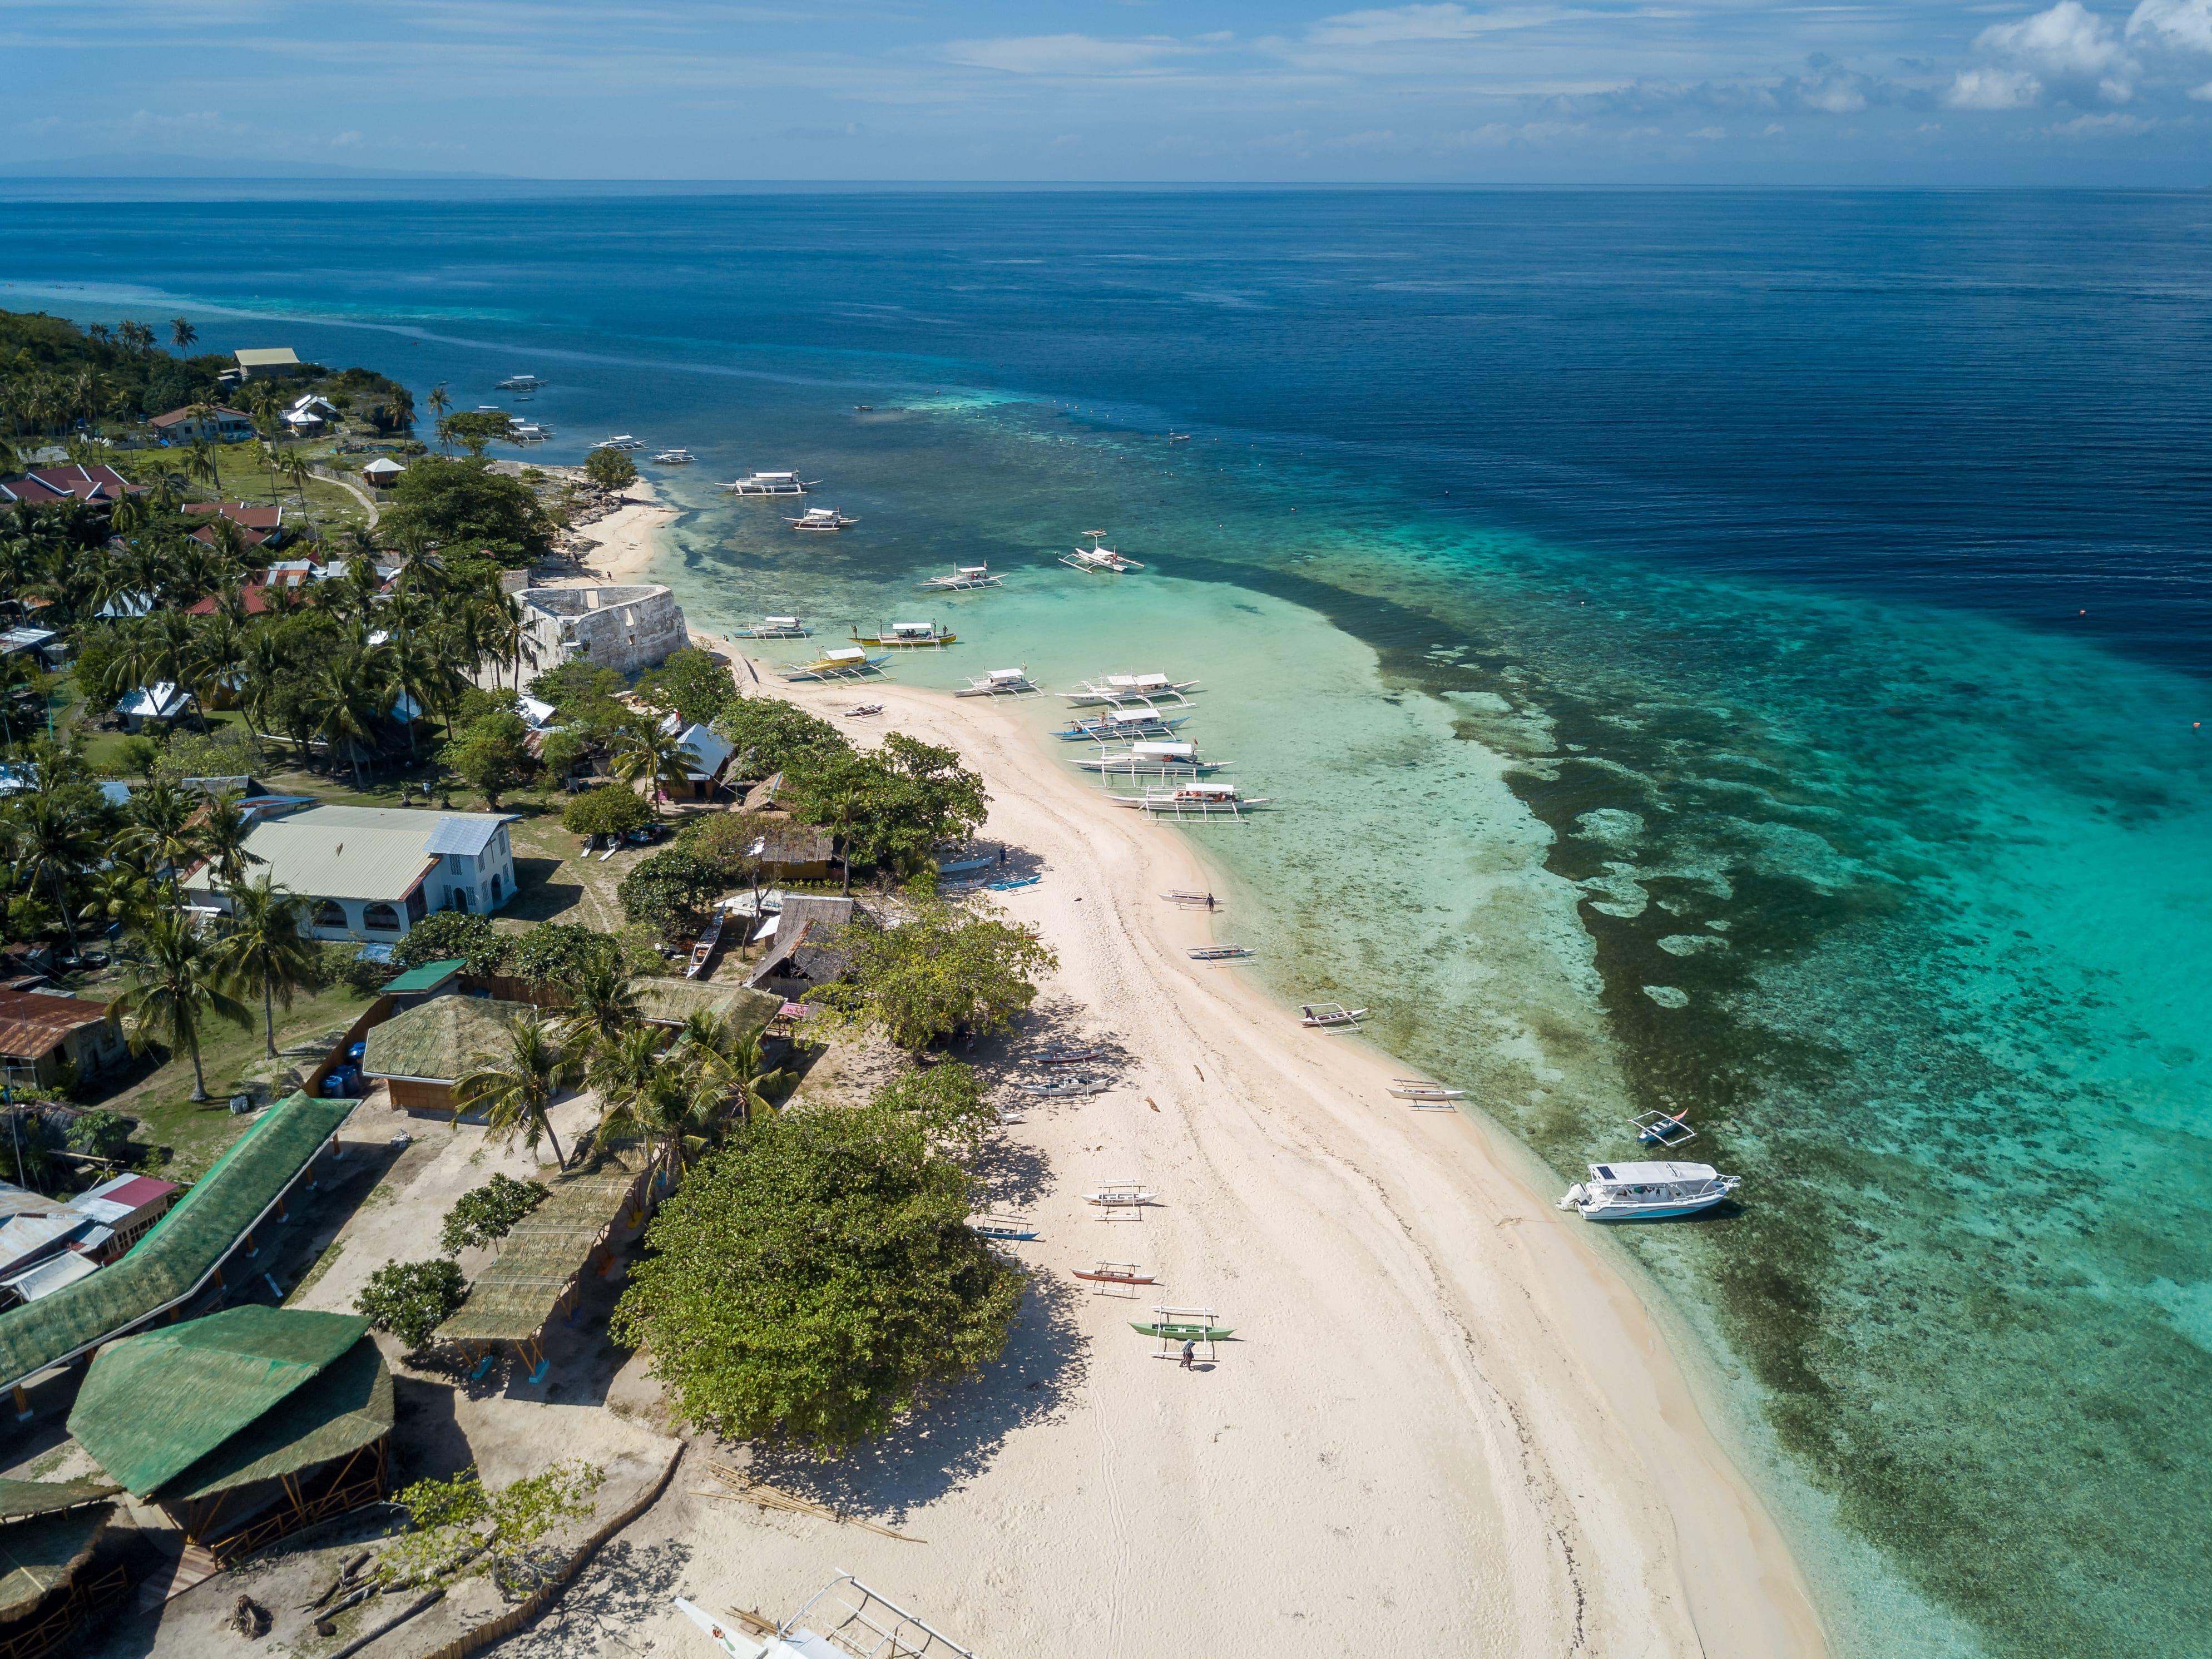 White sand beach in Pamilacan Island